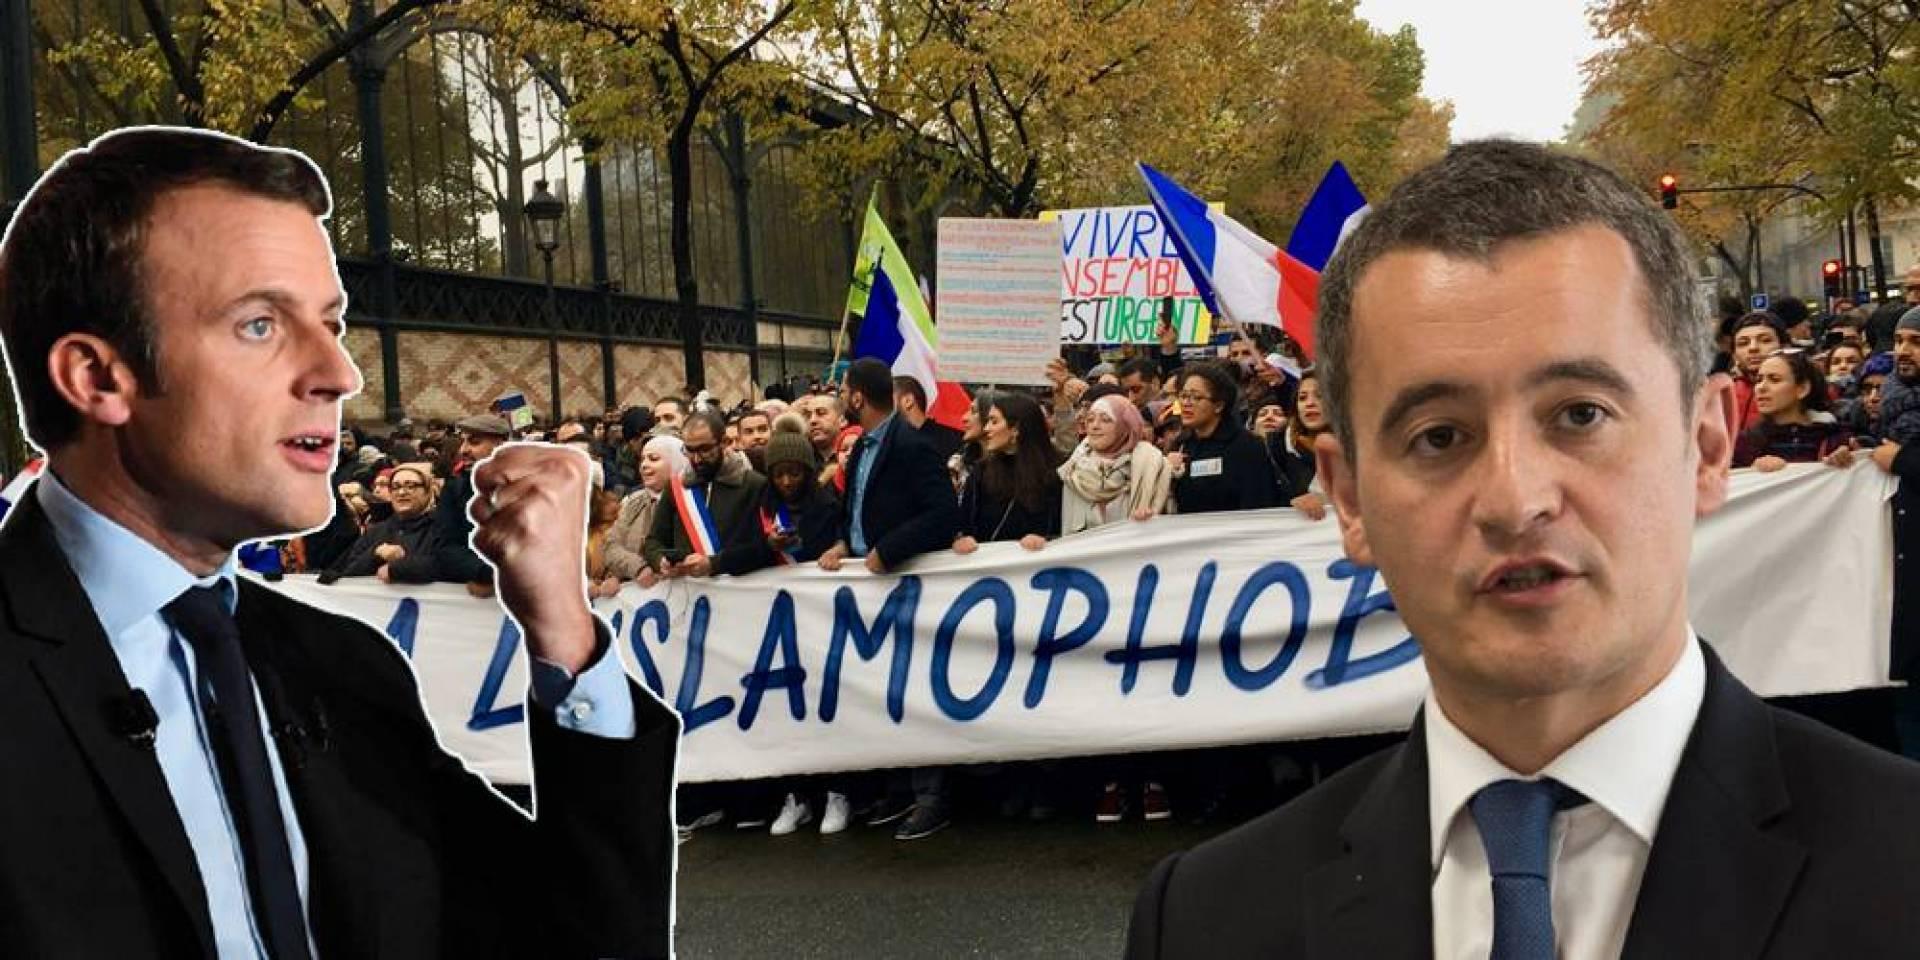 بلومبيرغ: فرنسا اختارت شعارات اليمين المتطرف في حملتها ضد المسلمين